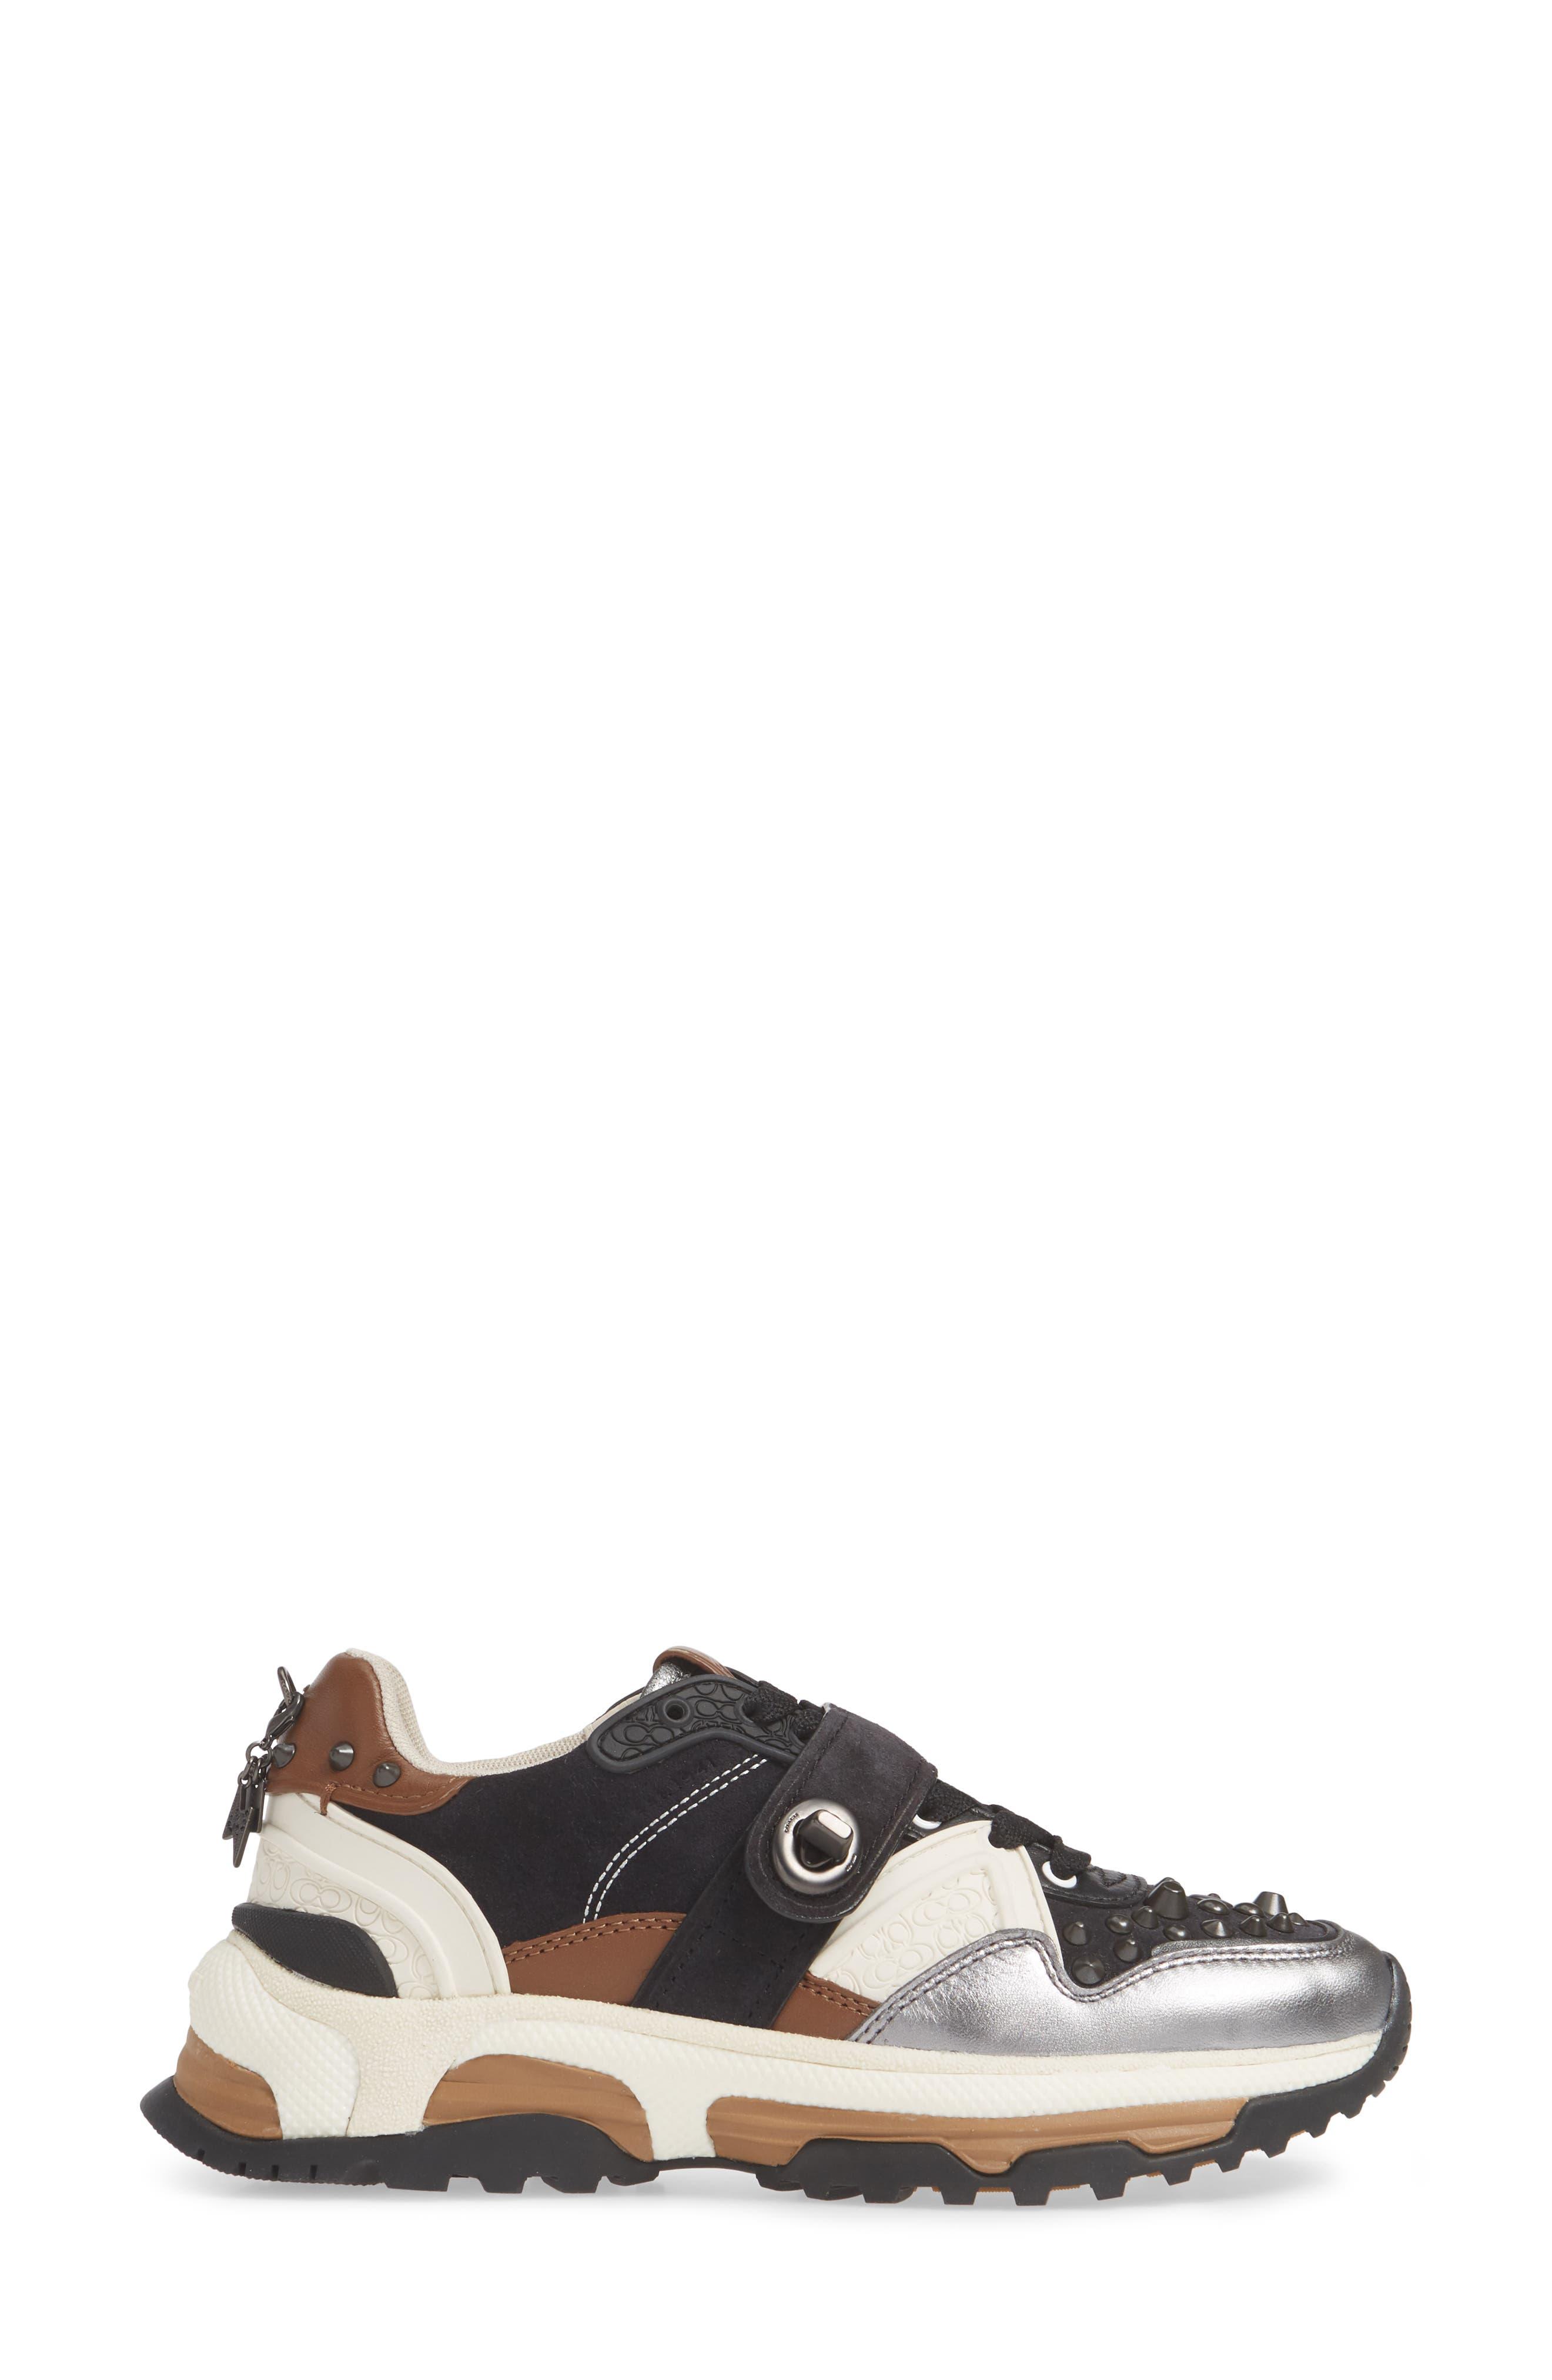 C143 Studded Sneaker,                             Alternate thumbnail 3, color,                             BLACK/ GUNMETAL LEATHER